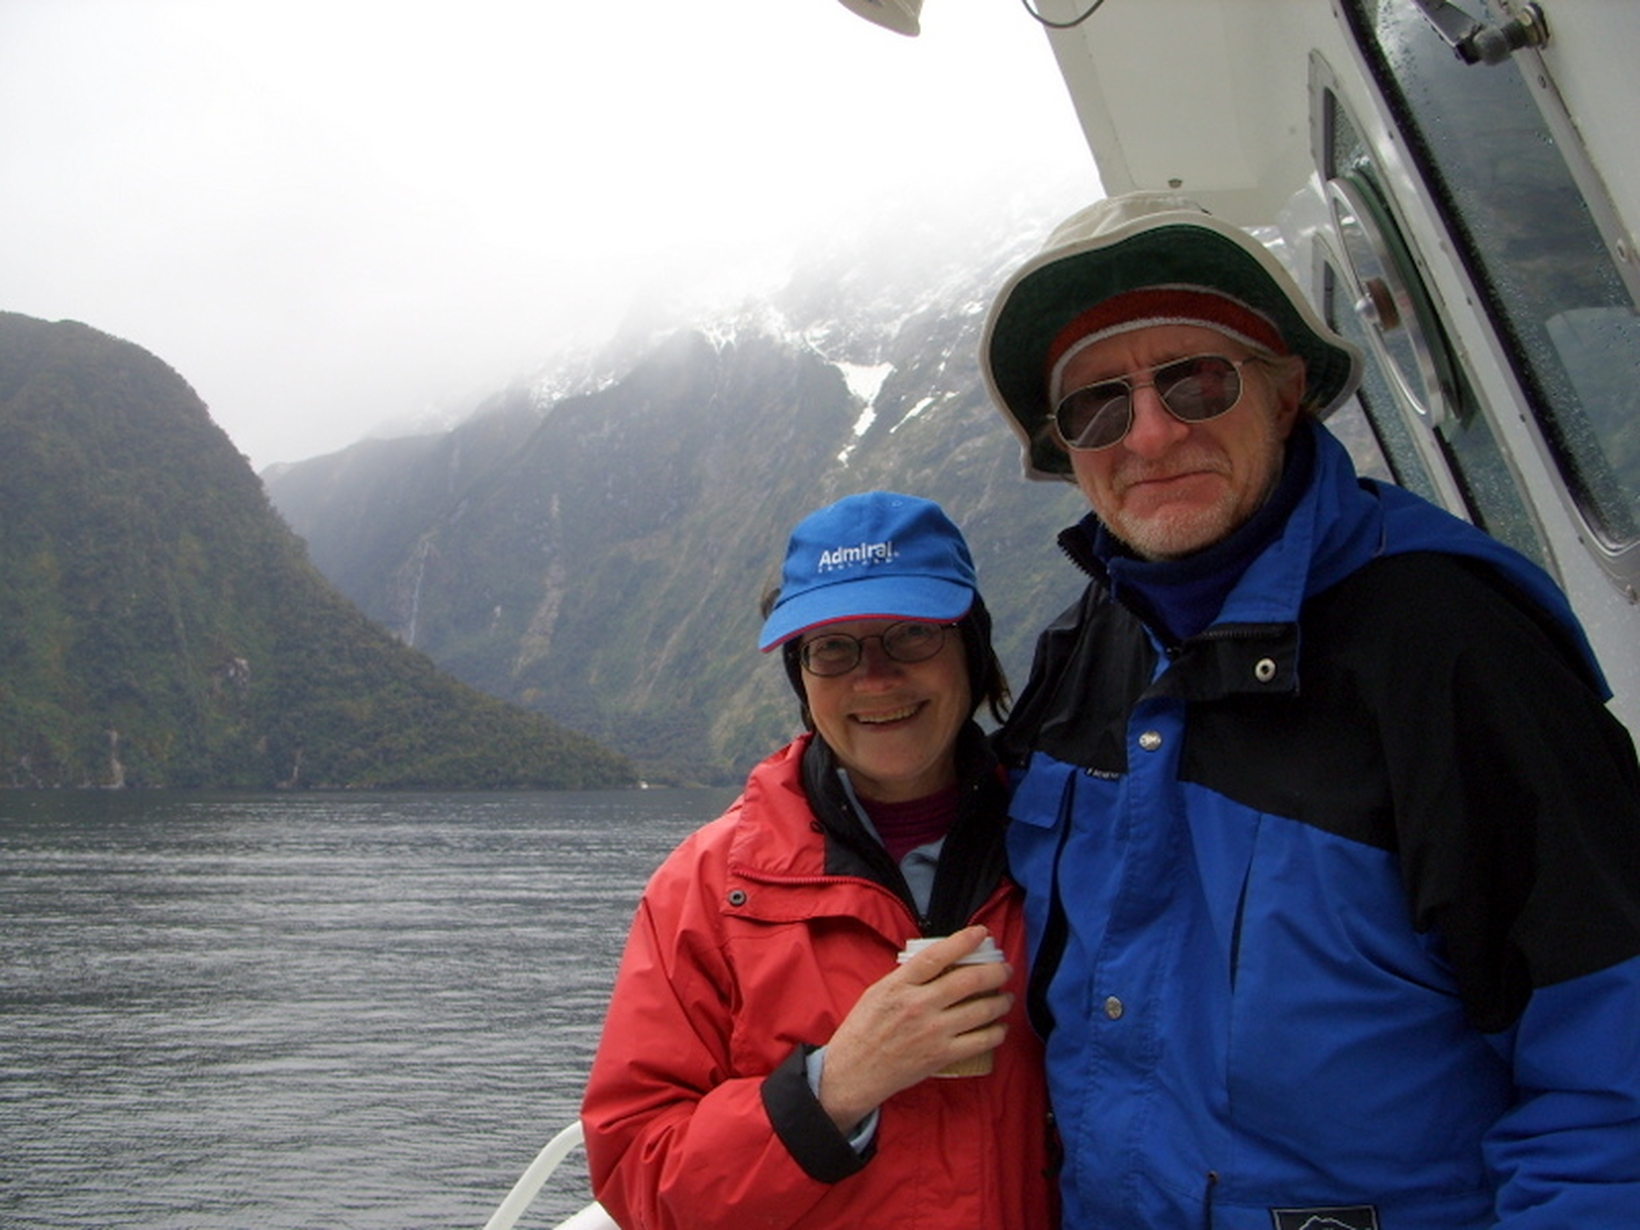 James & Helen from Christchurch, New Zealand